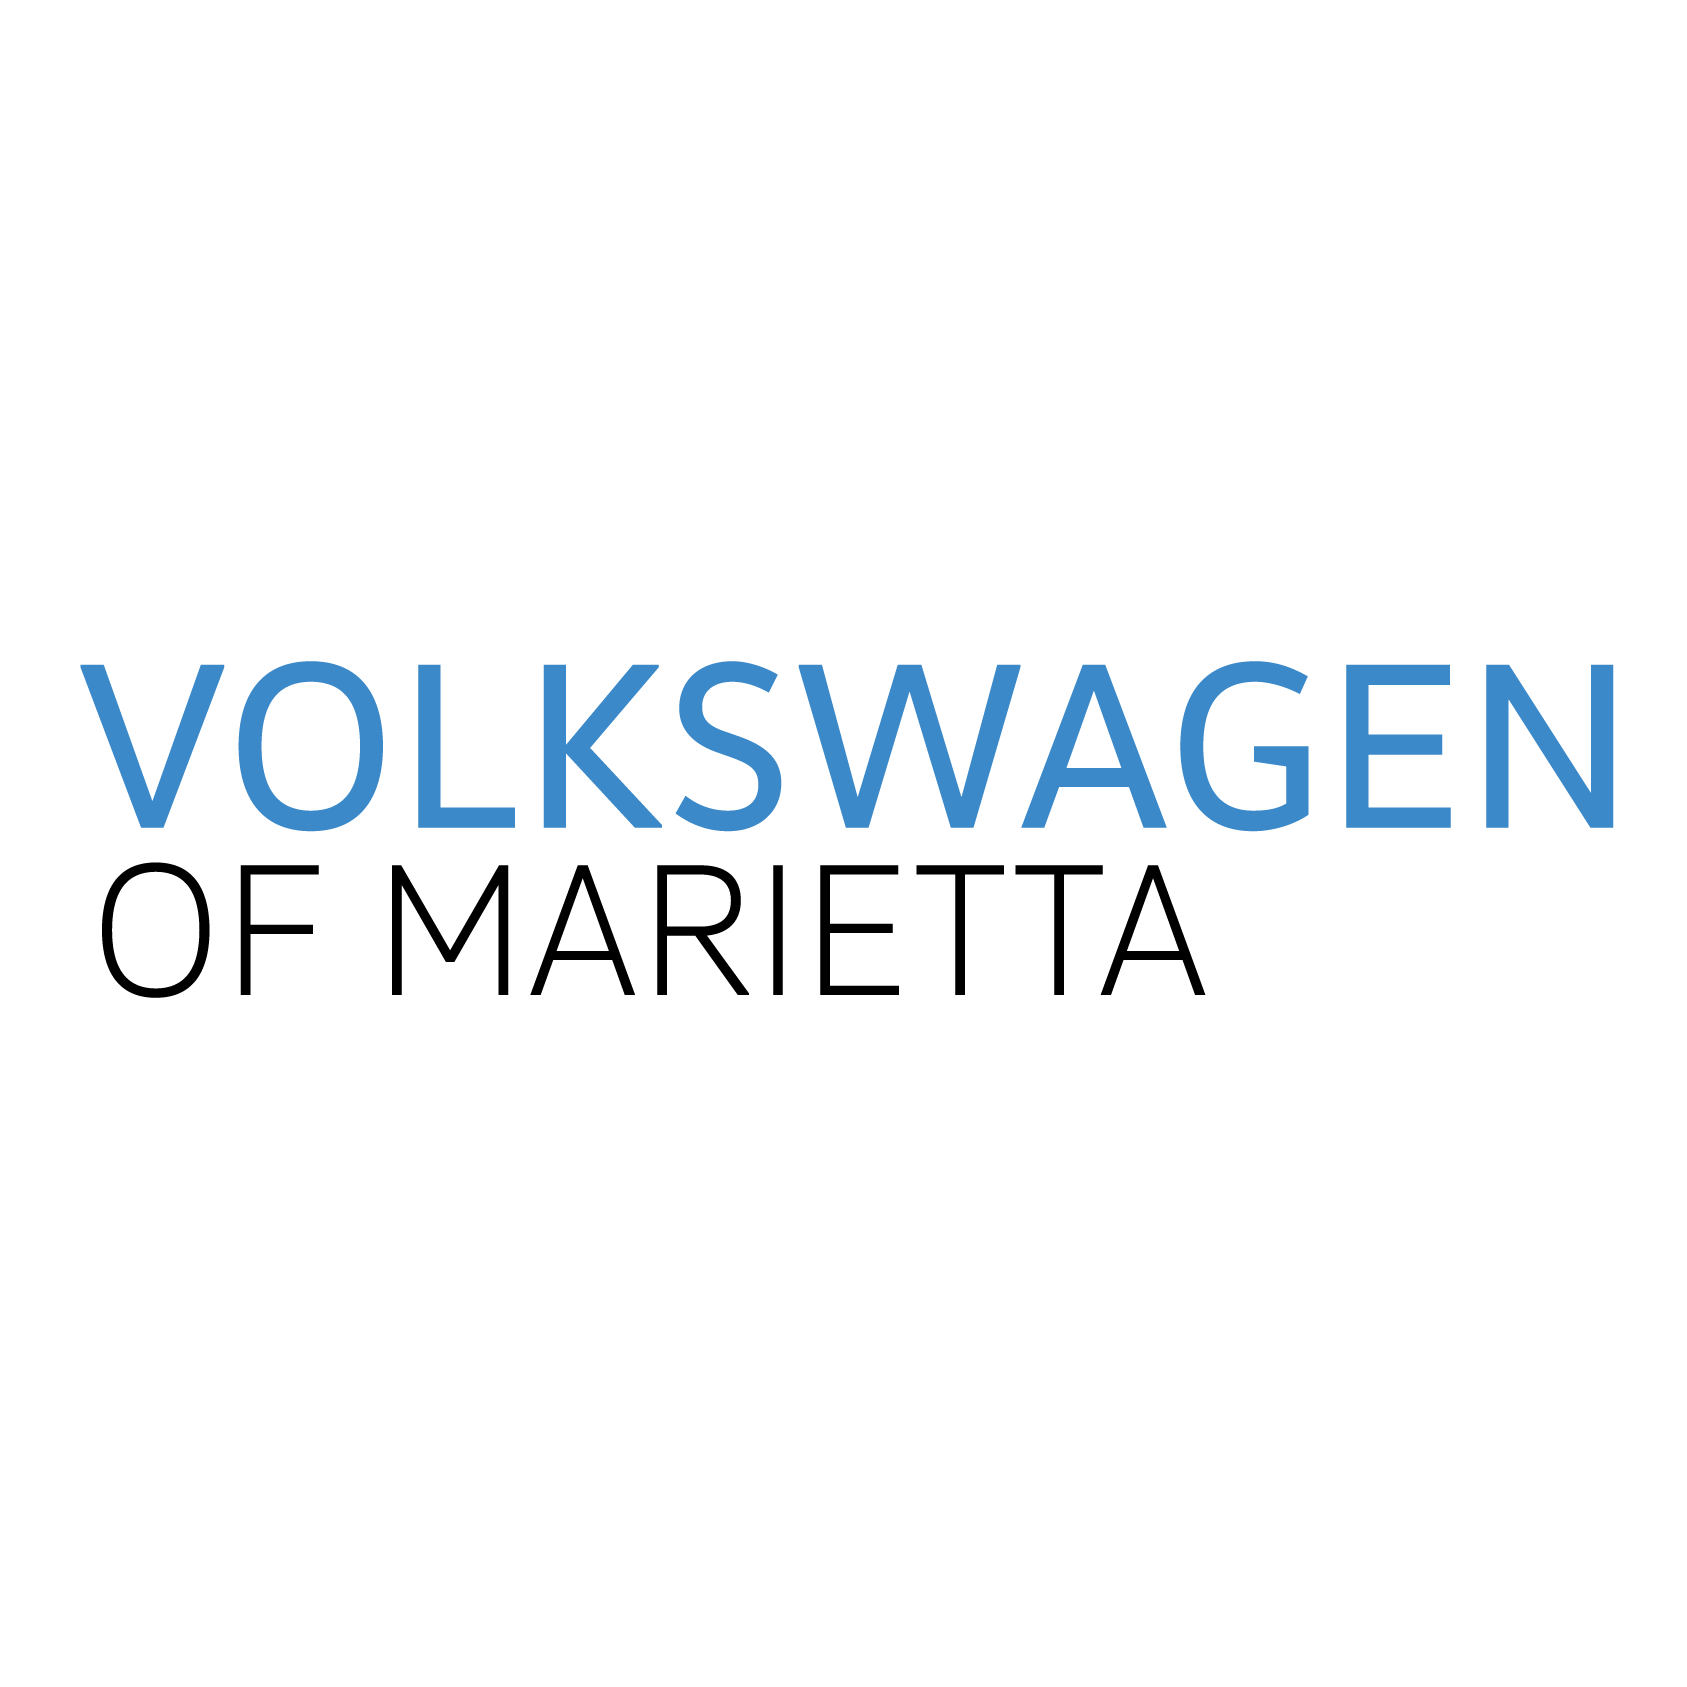 Volkswagen Dealers In Ga: Volkswagen Of Marietta, Marietta Georgia (GA